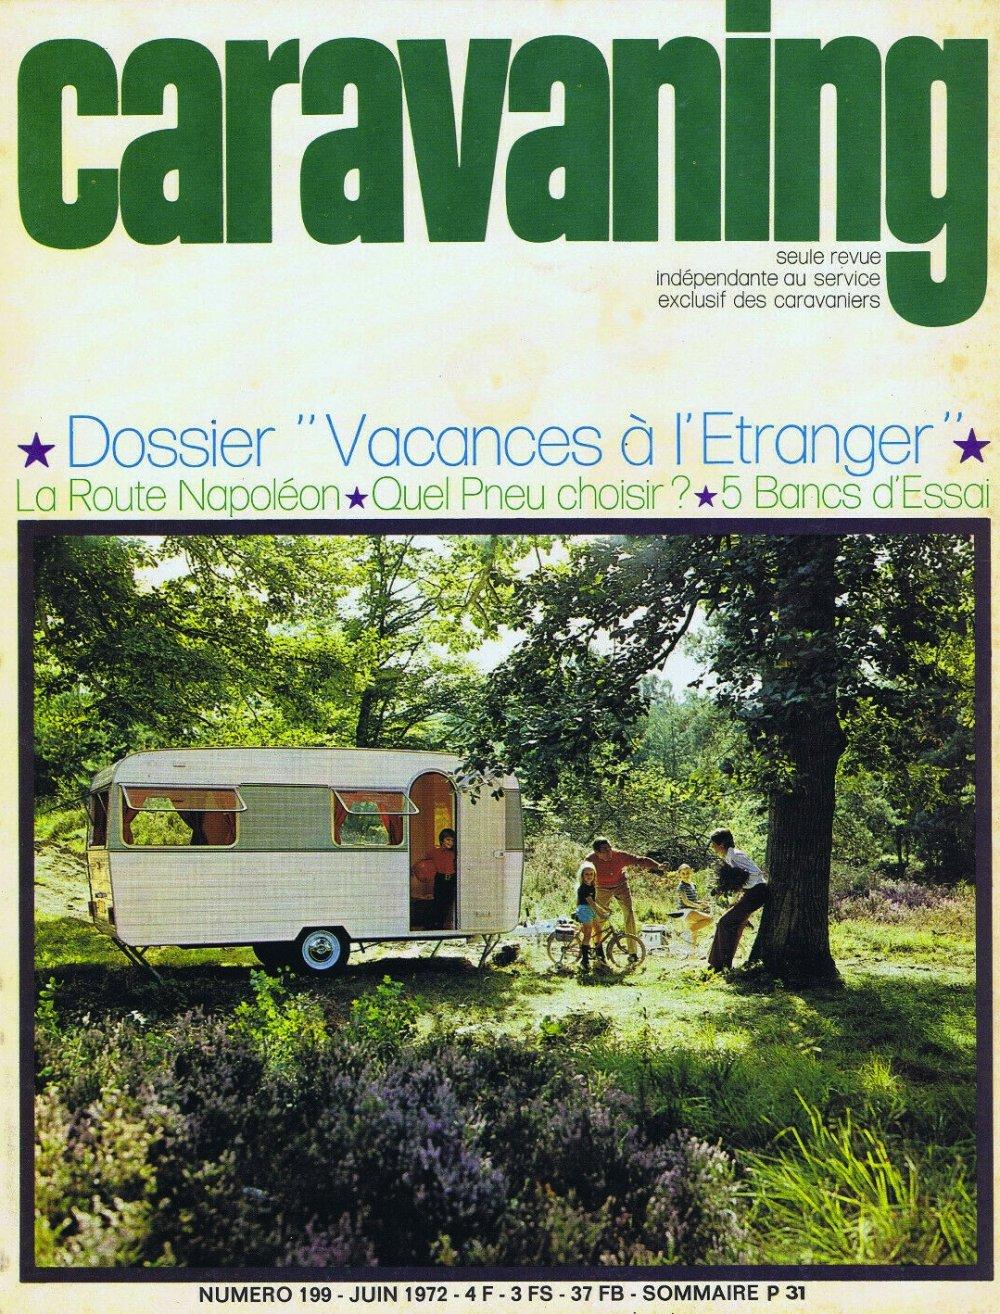 1587511891_caravaning.jpg